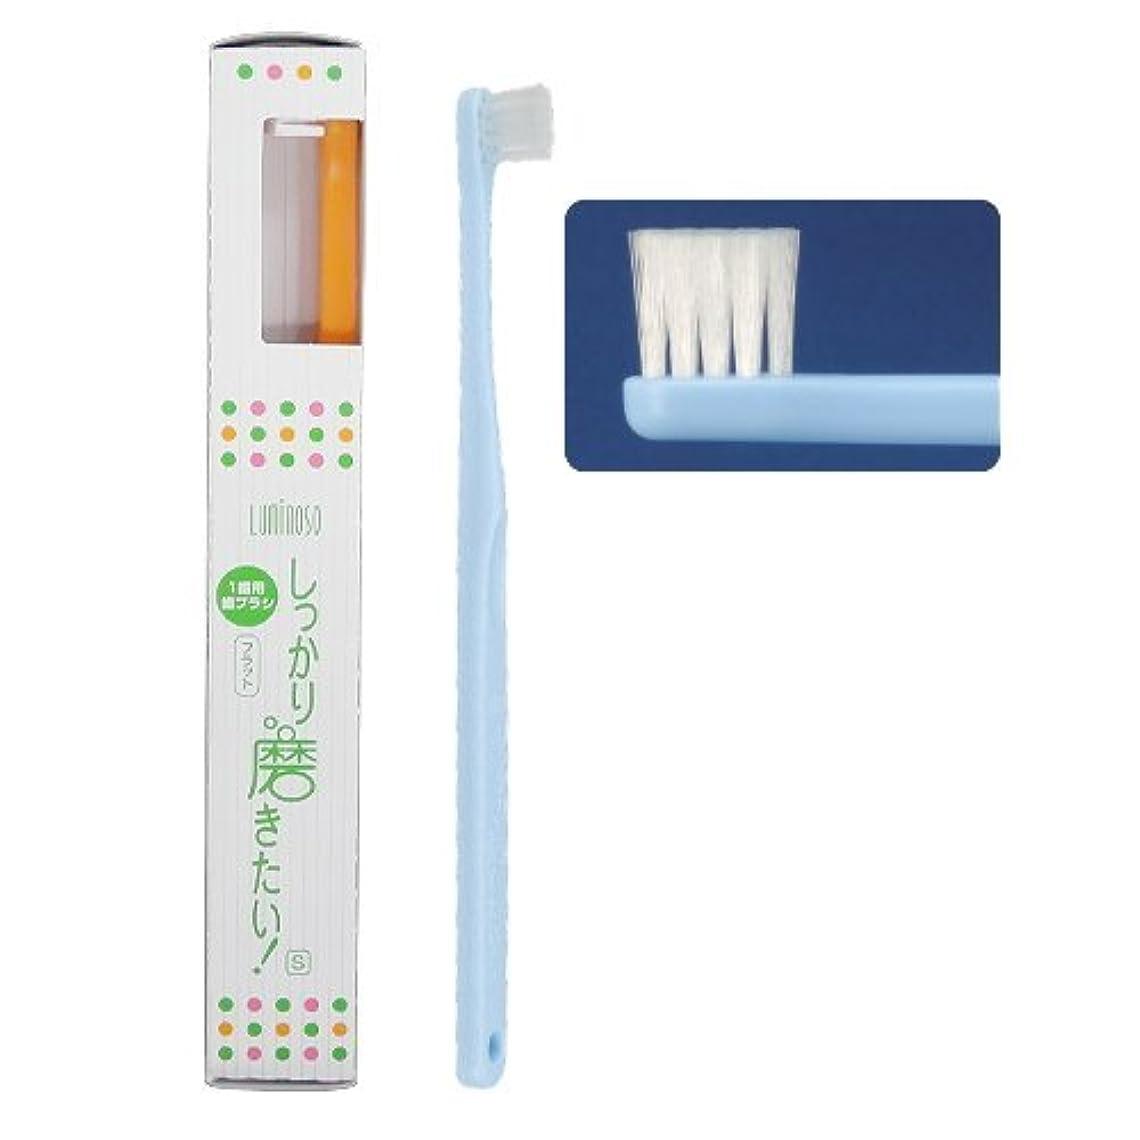 反対するポインタだらしないルミノソ 1歯用歯ブラシ 「しっかり磨きたい!」 フラット ソフト (カラー指定不可) 3本